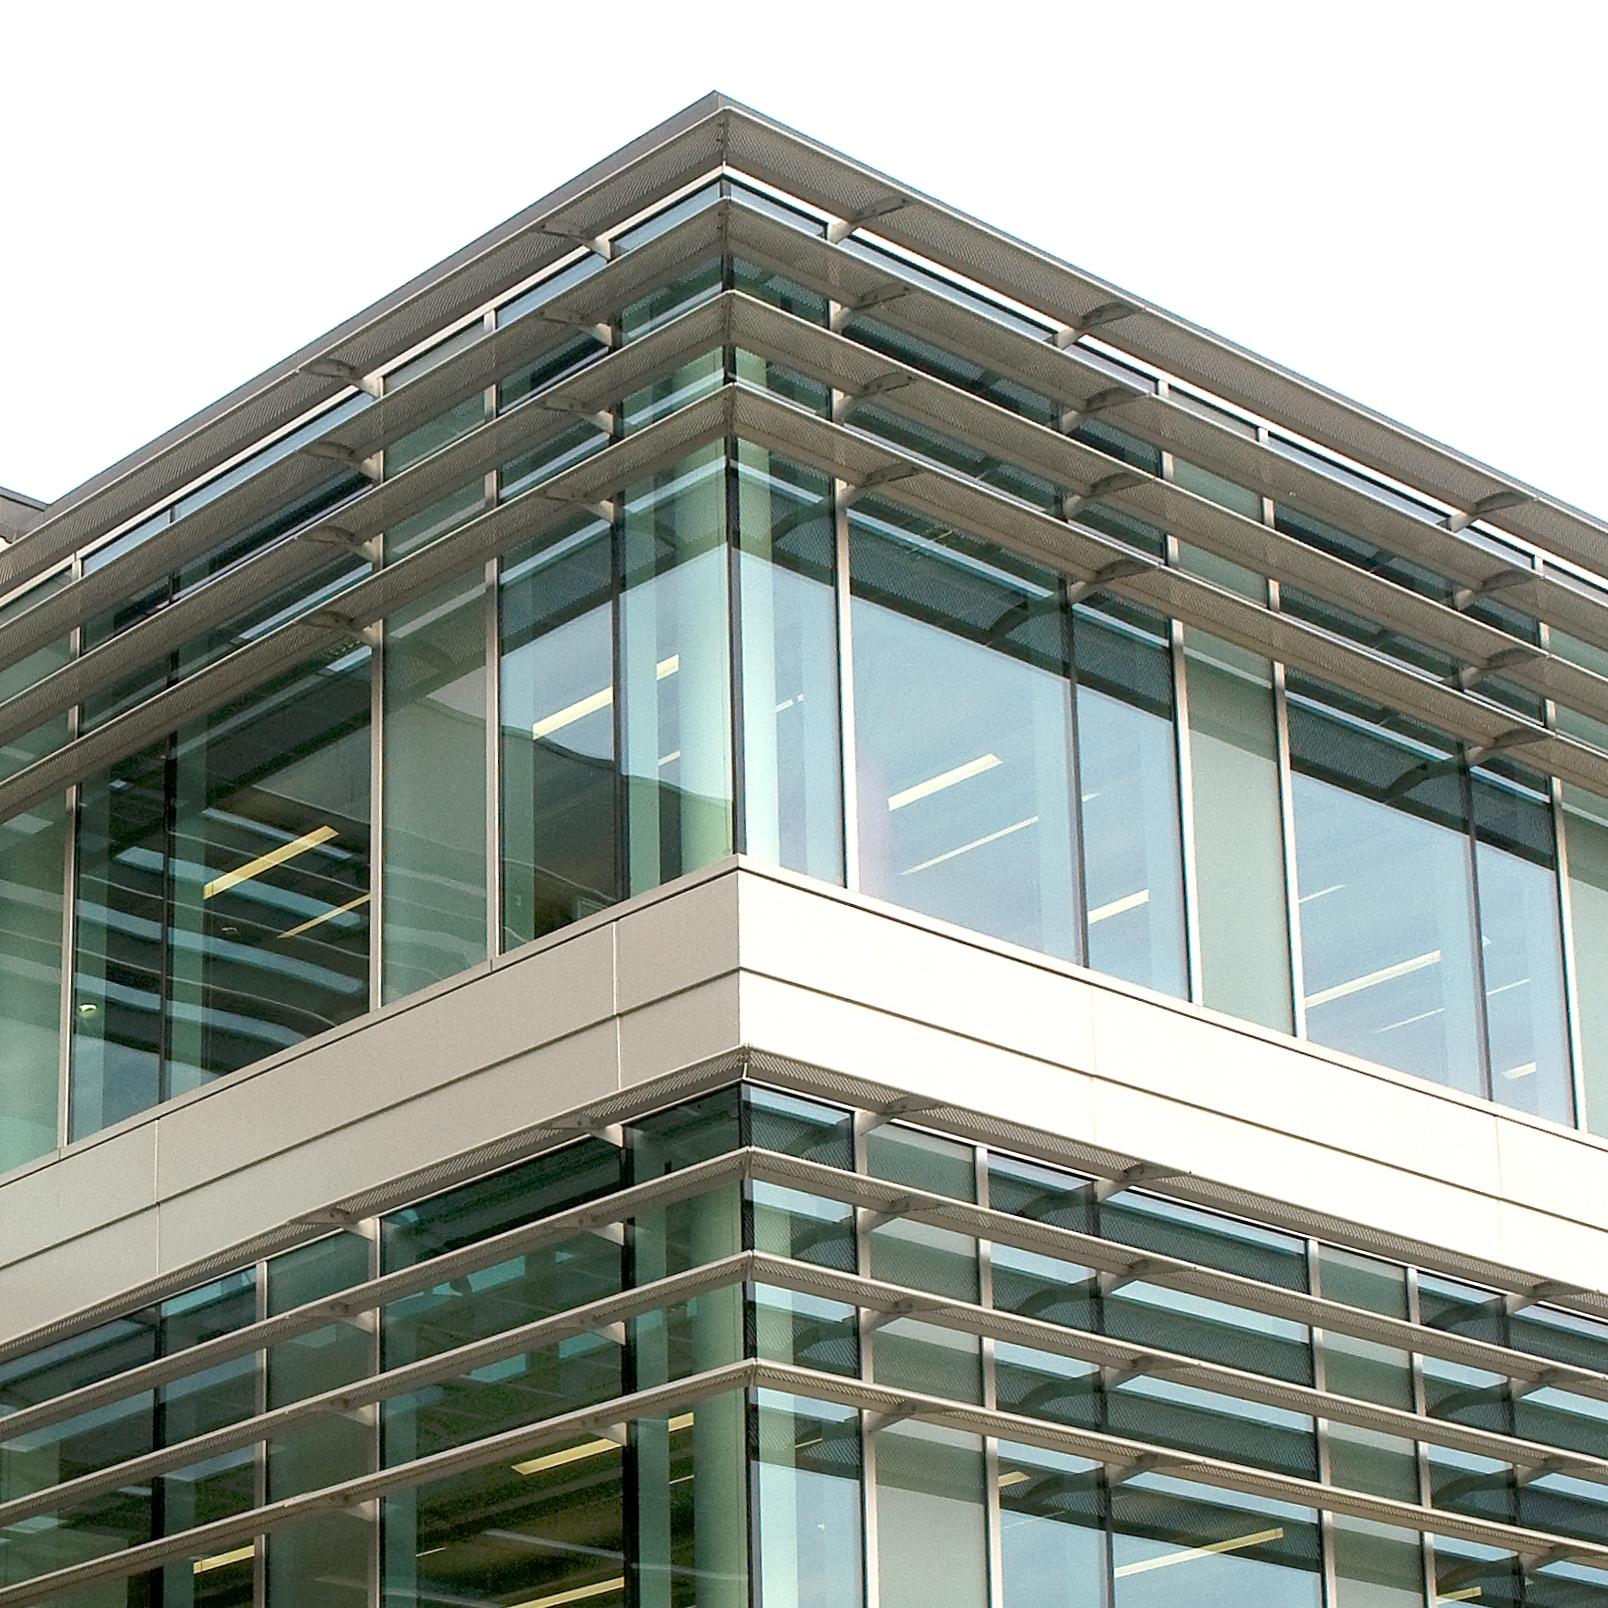 industrial look aluminium fins